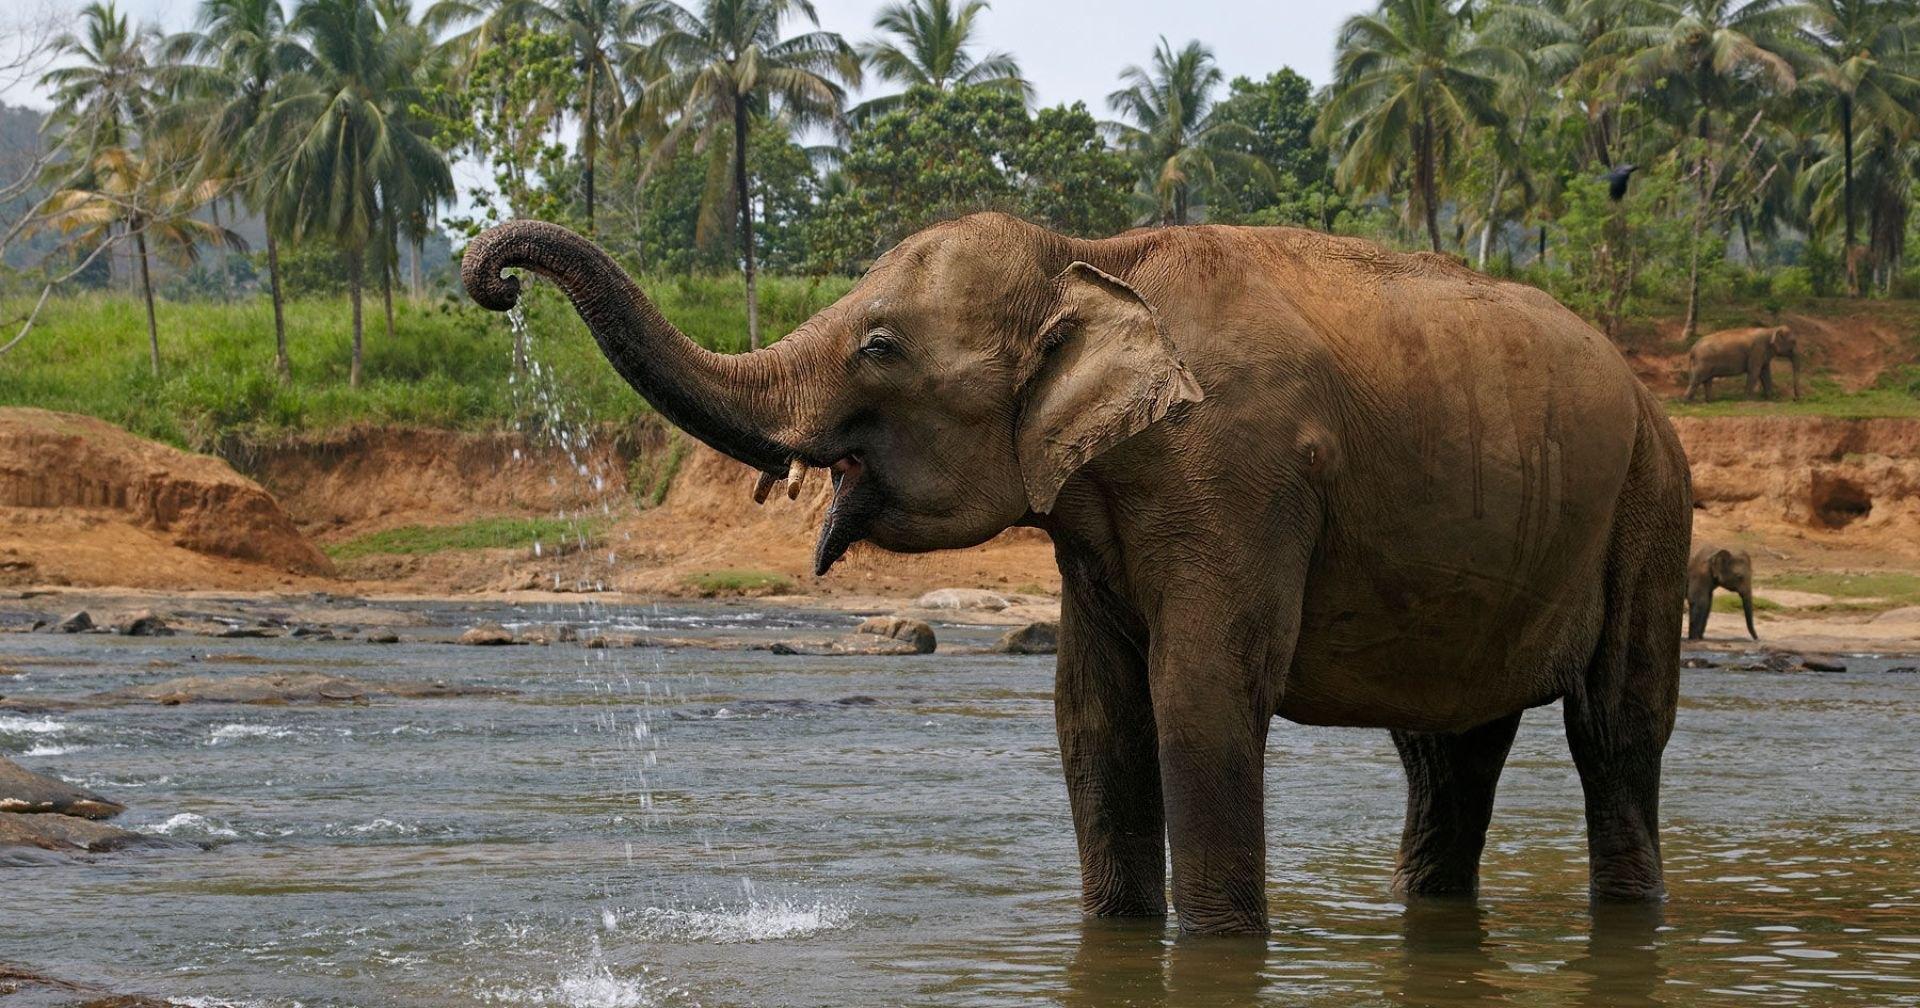 Пять тайских слонов погибли при попытке спасти тонущего слоненка